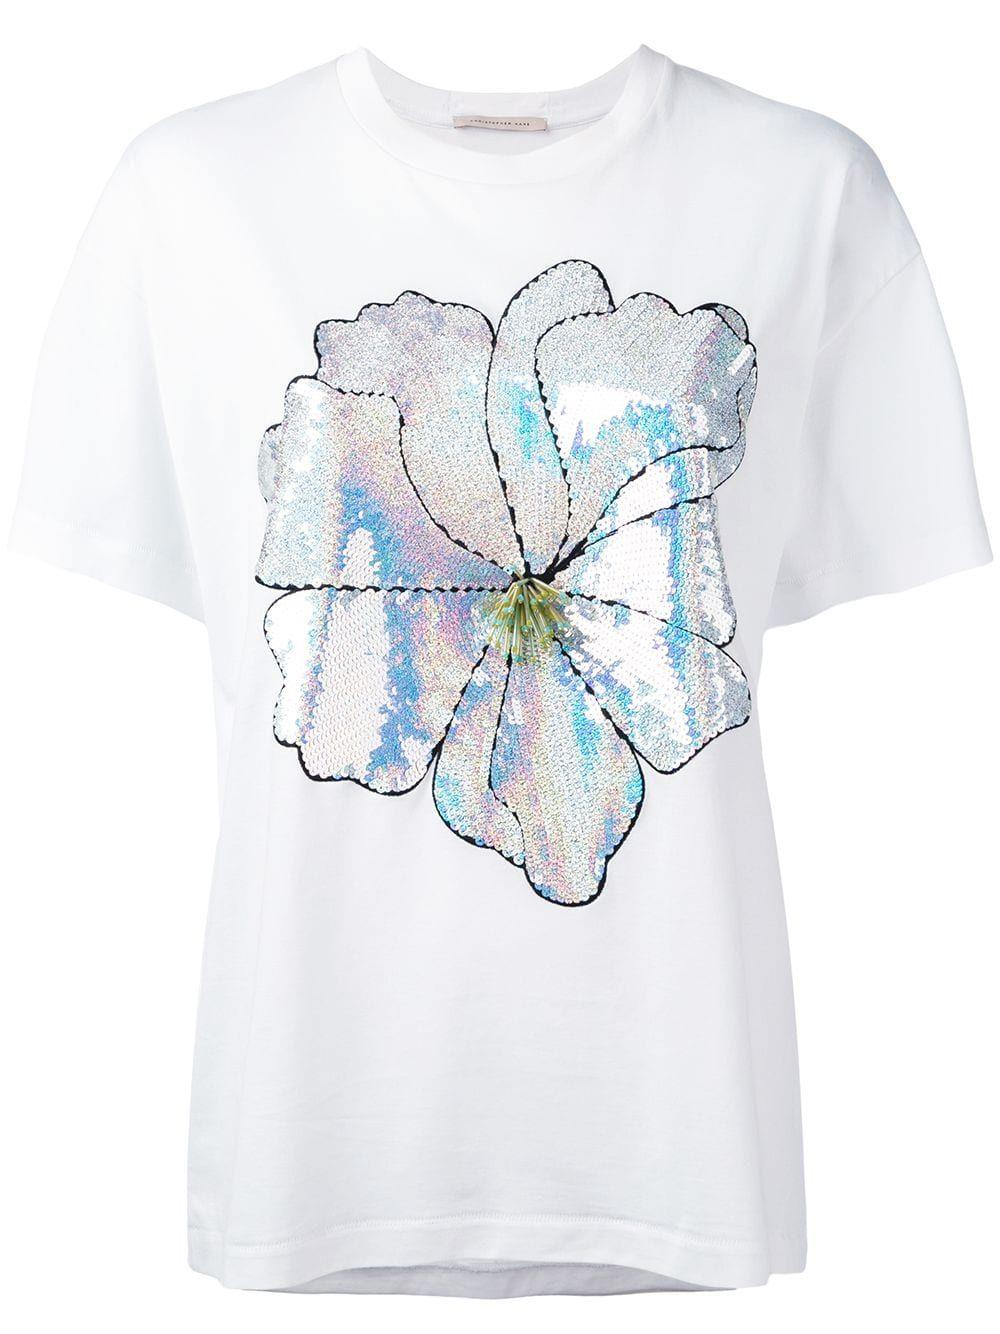 cb9589d20f Christopher Kane large sequin flower T-shirt - White in 2019 ...